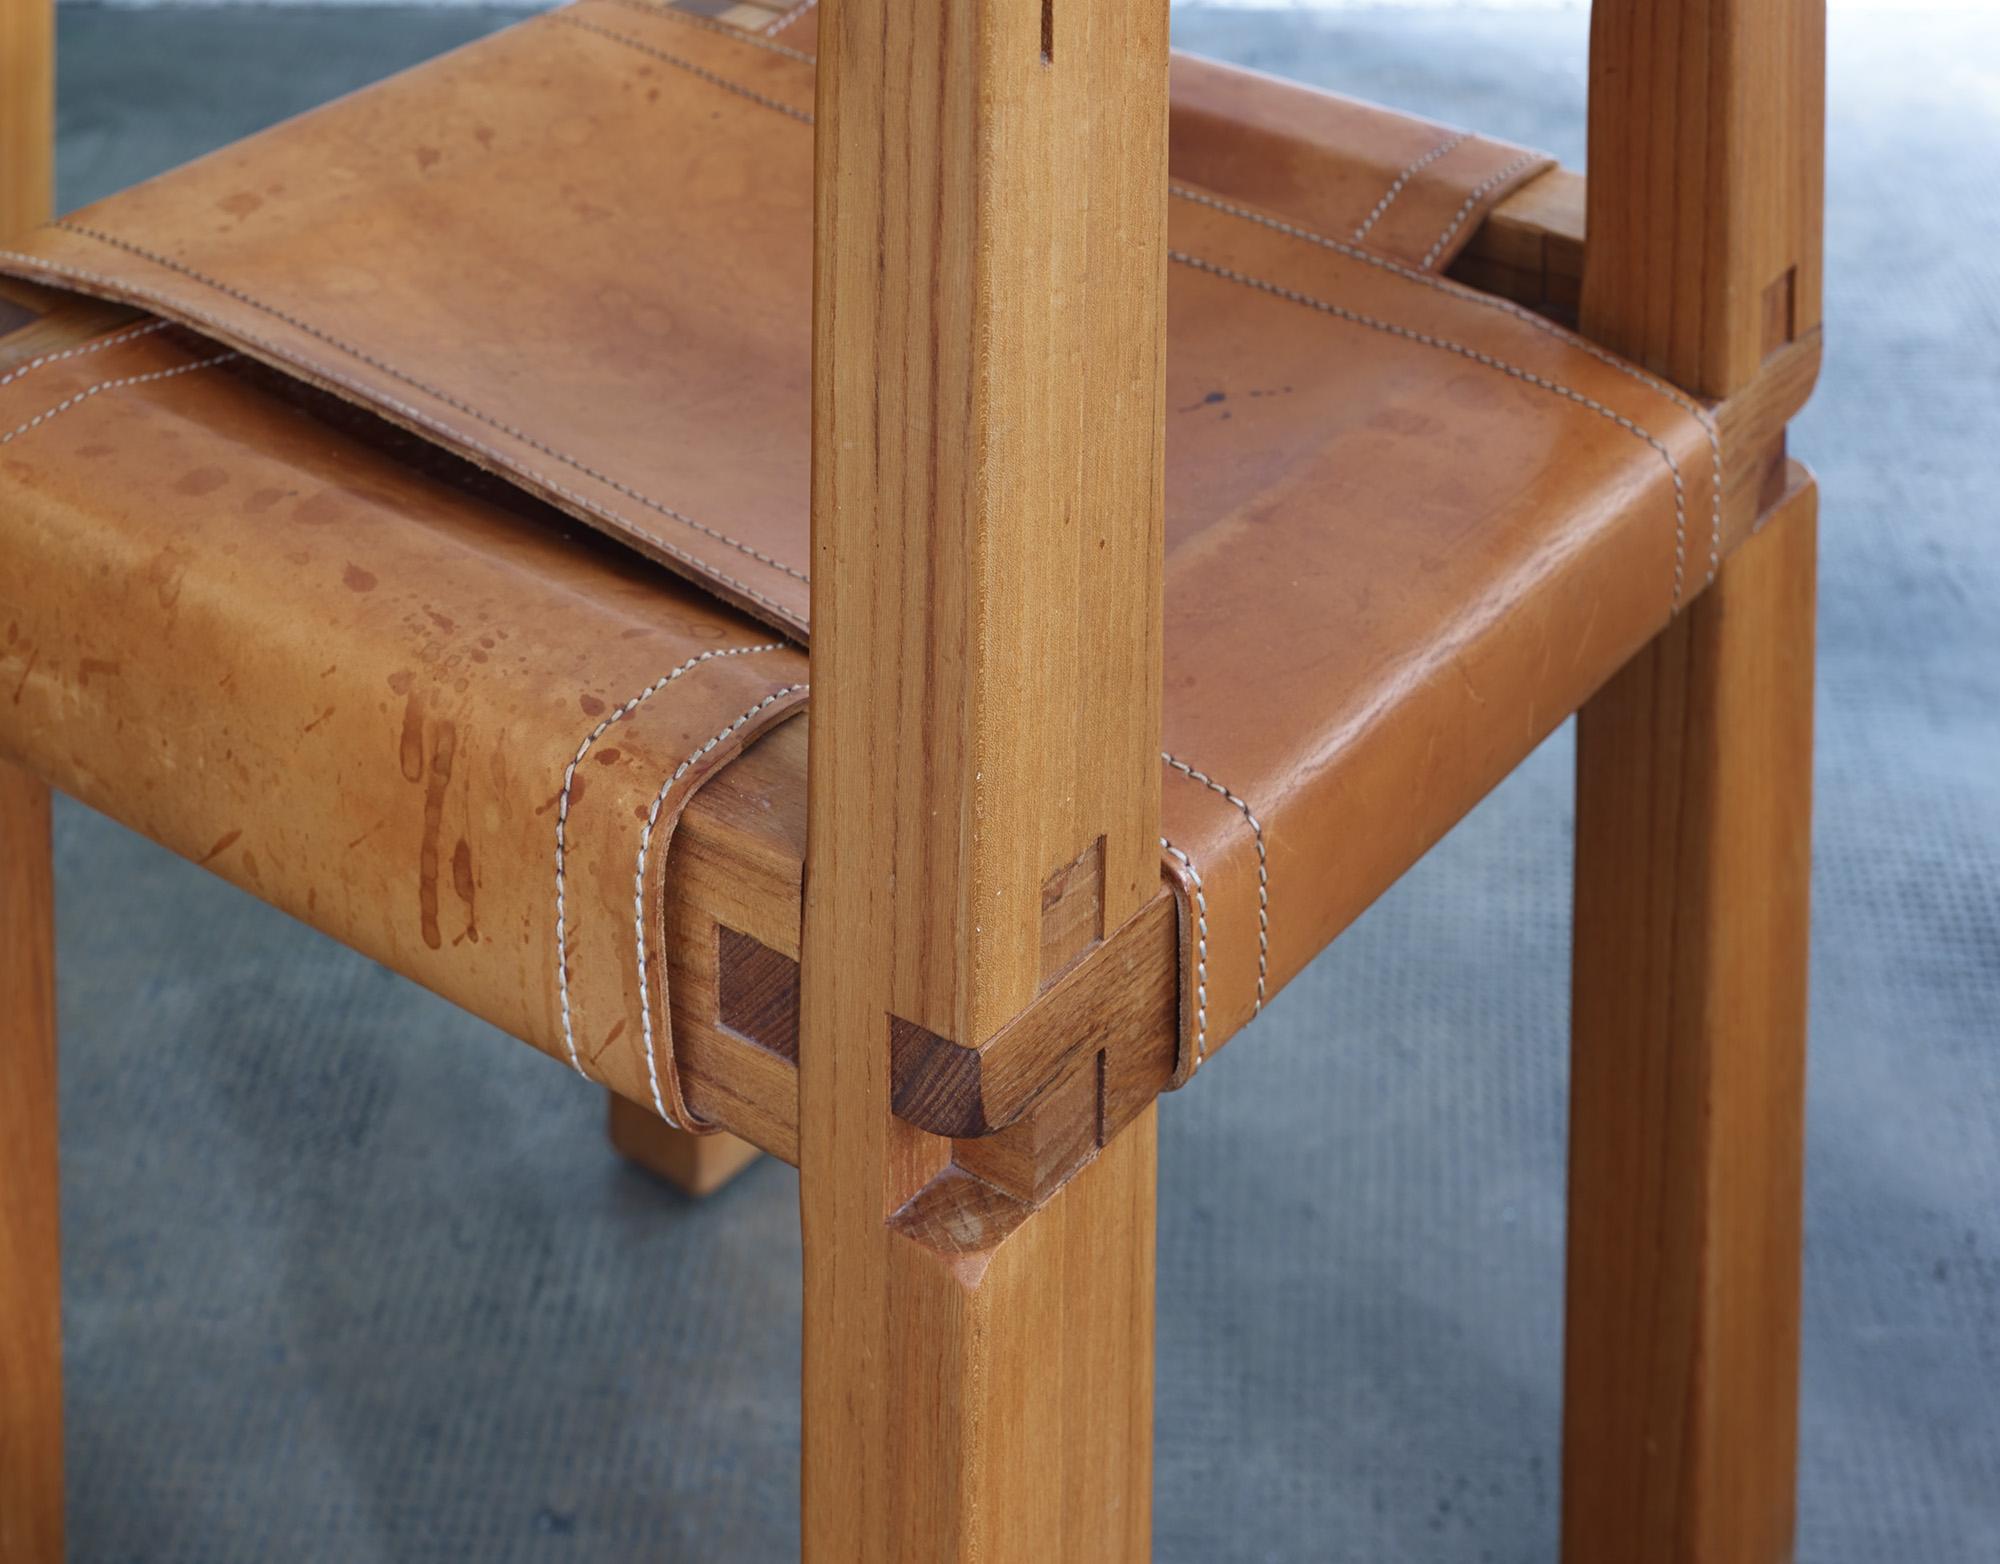 6-chaises-s11-de-pierre-chapo-image-07